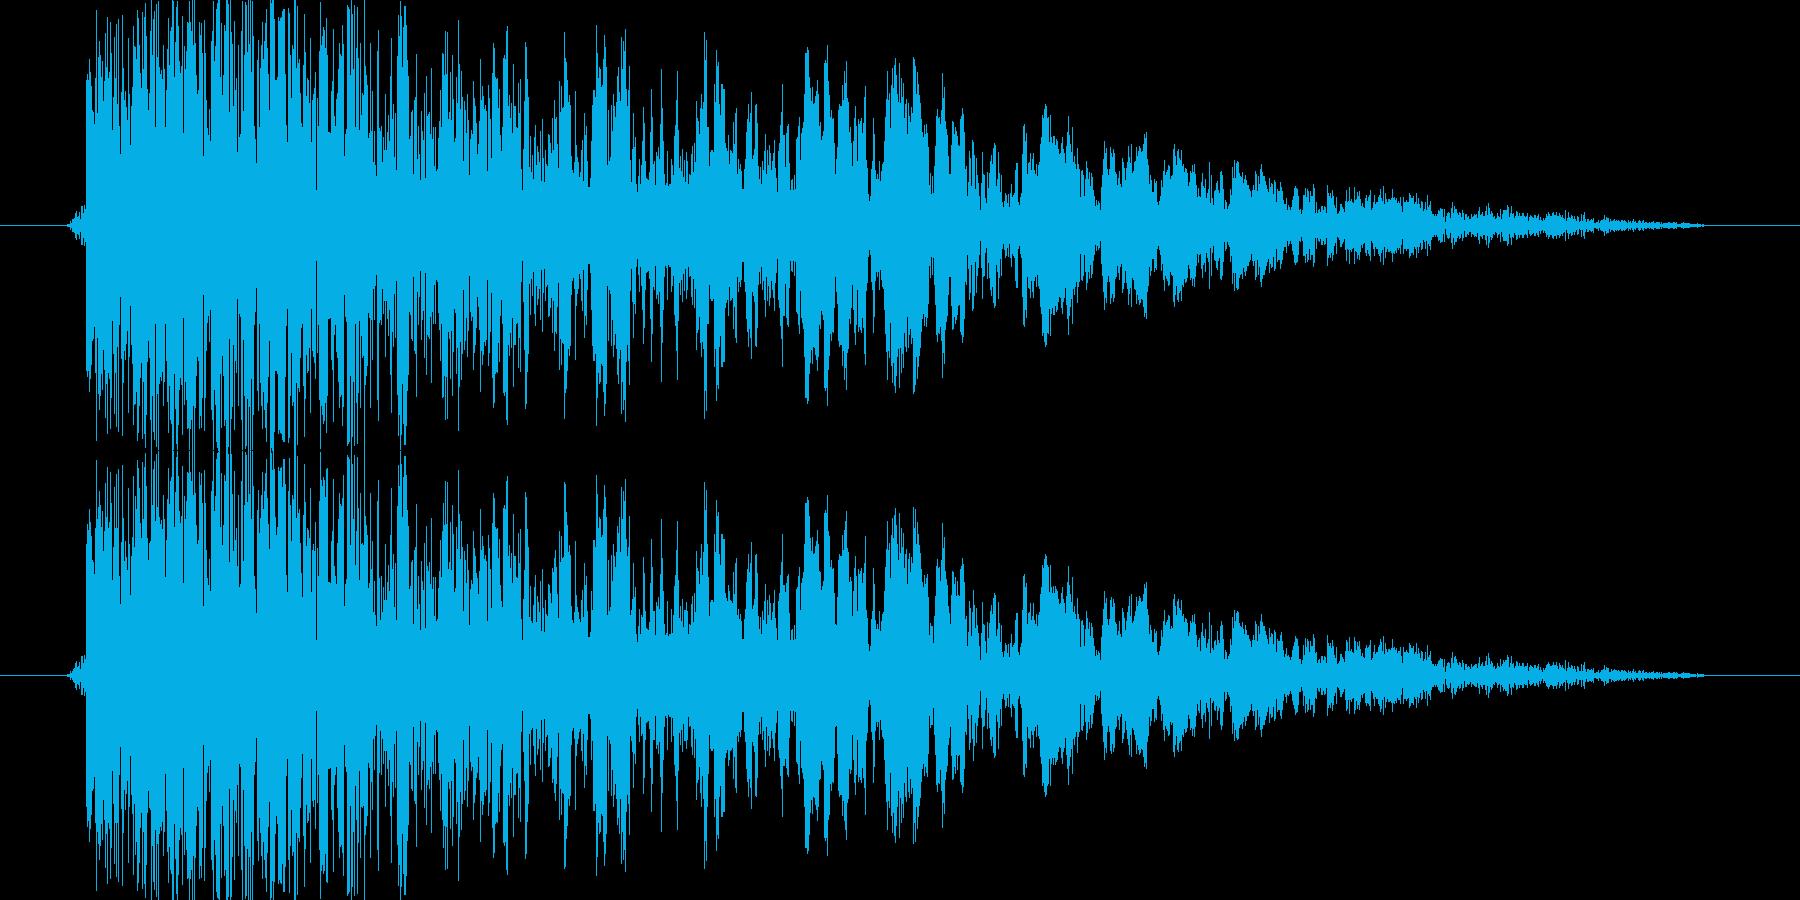 シューティングのショット音 5段階の5の再生済みの波形